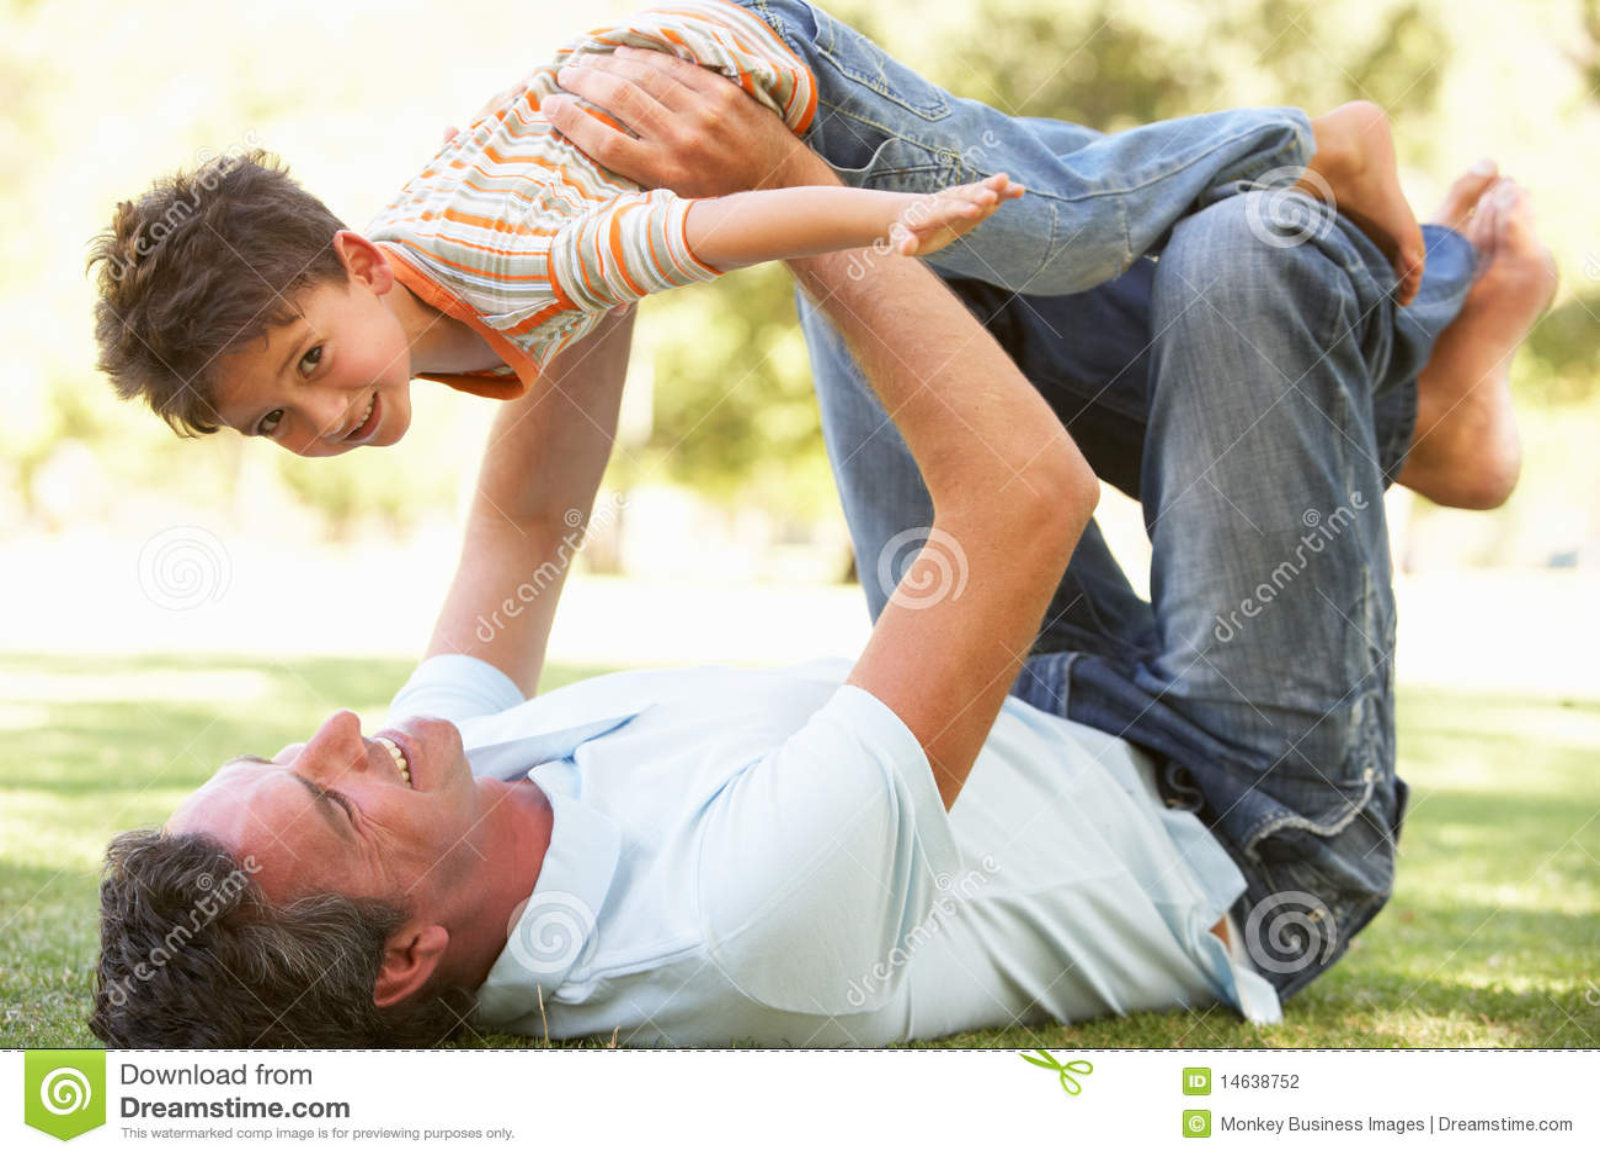 Дальнейшая история гей отец и сын фото